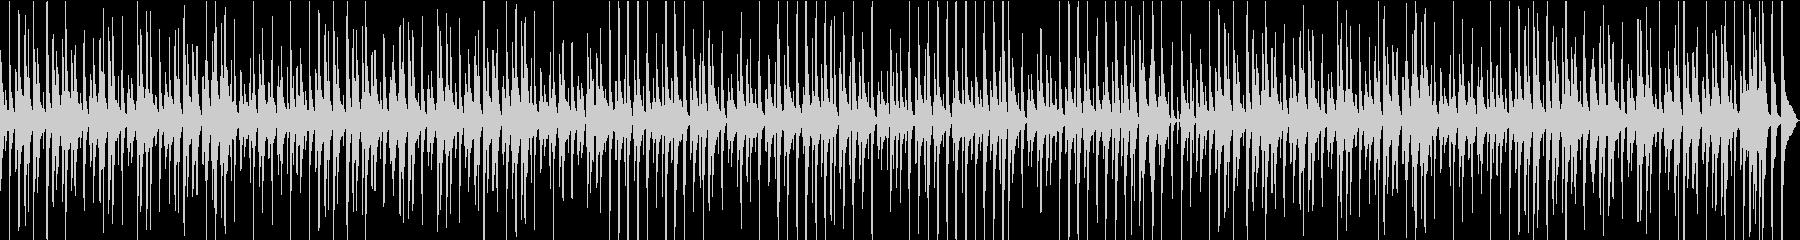 ほのぼのした楽しいウクレレ曲 CMなどの未再生の波形